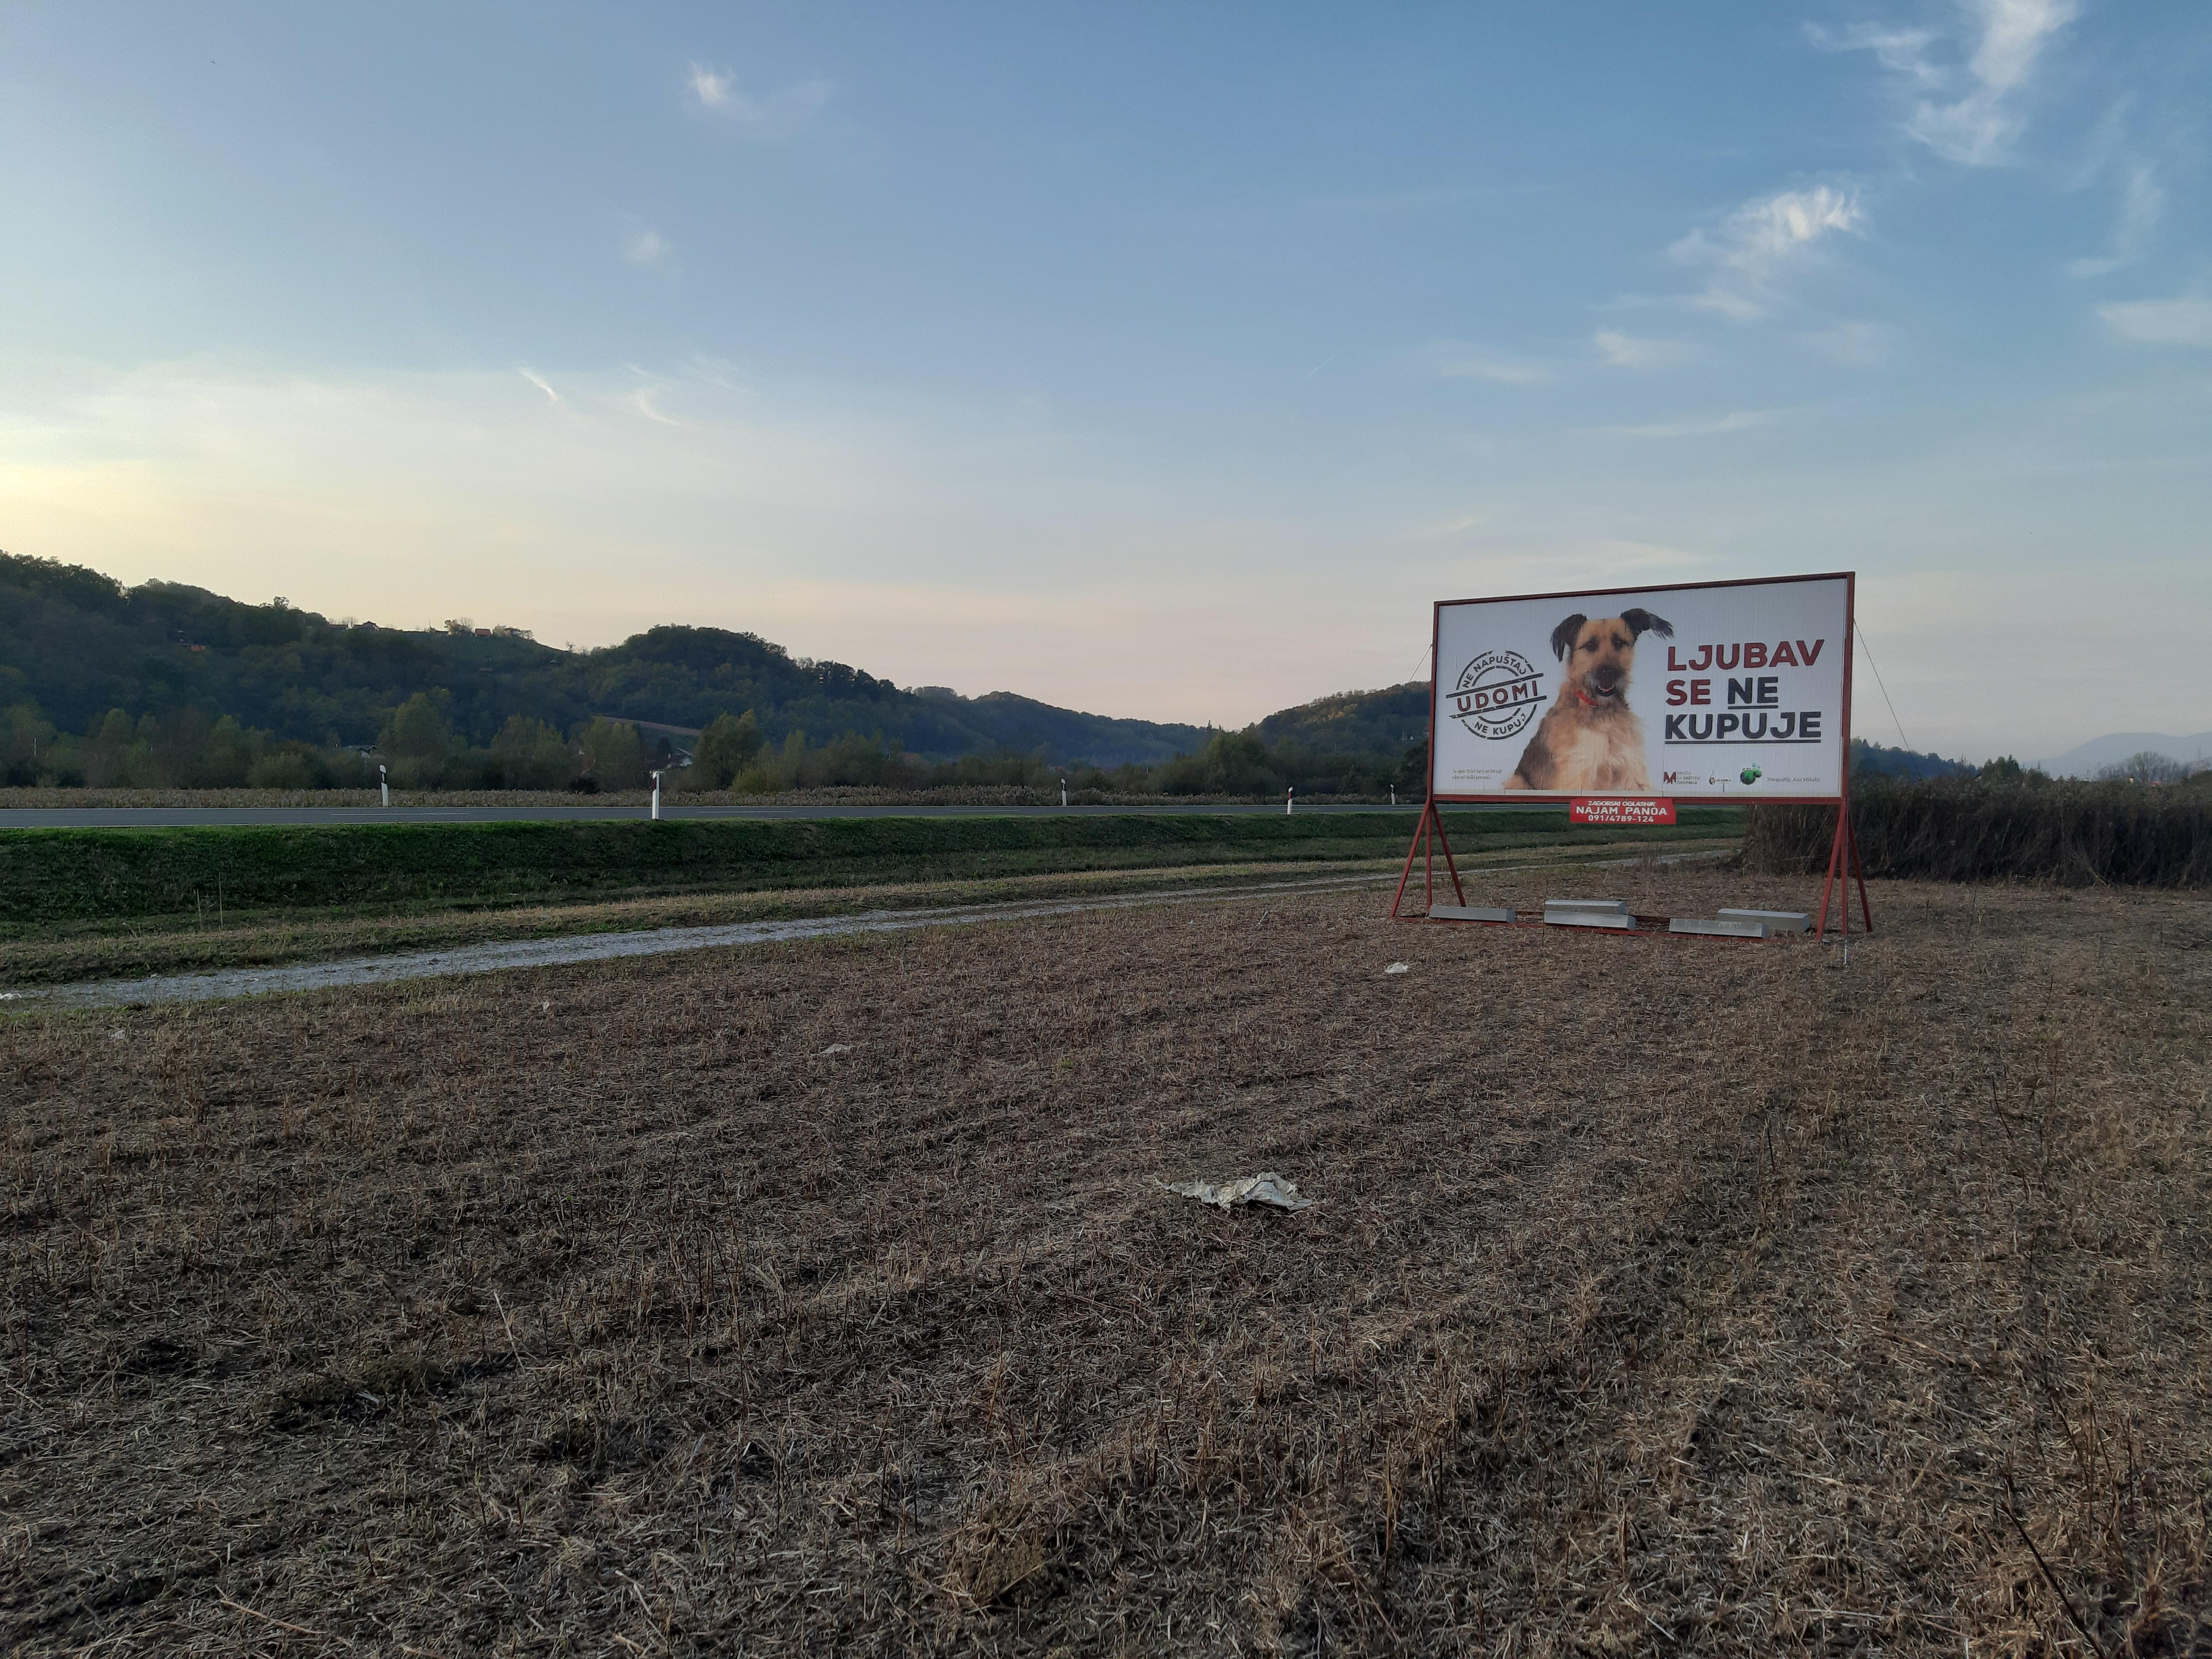 Pano brza cesta Zabok-Začretje-Krapina - Udomi, ne kupuj